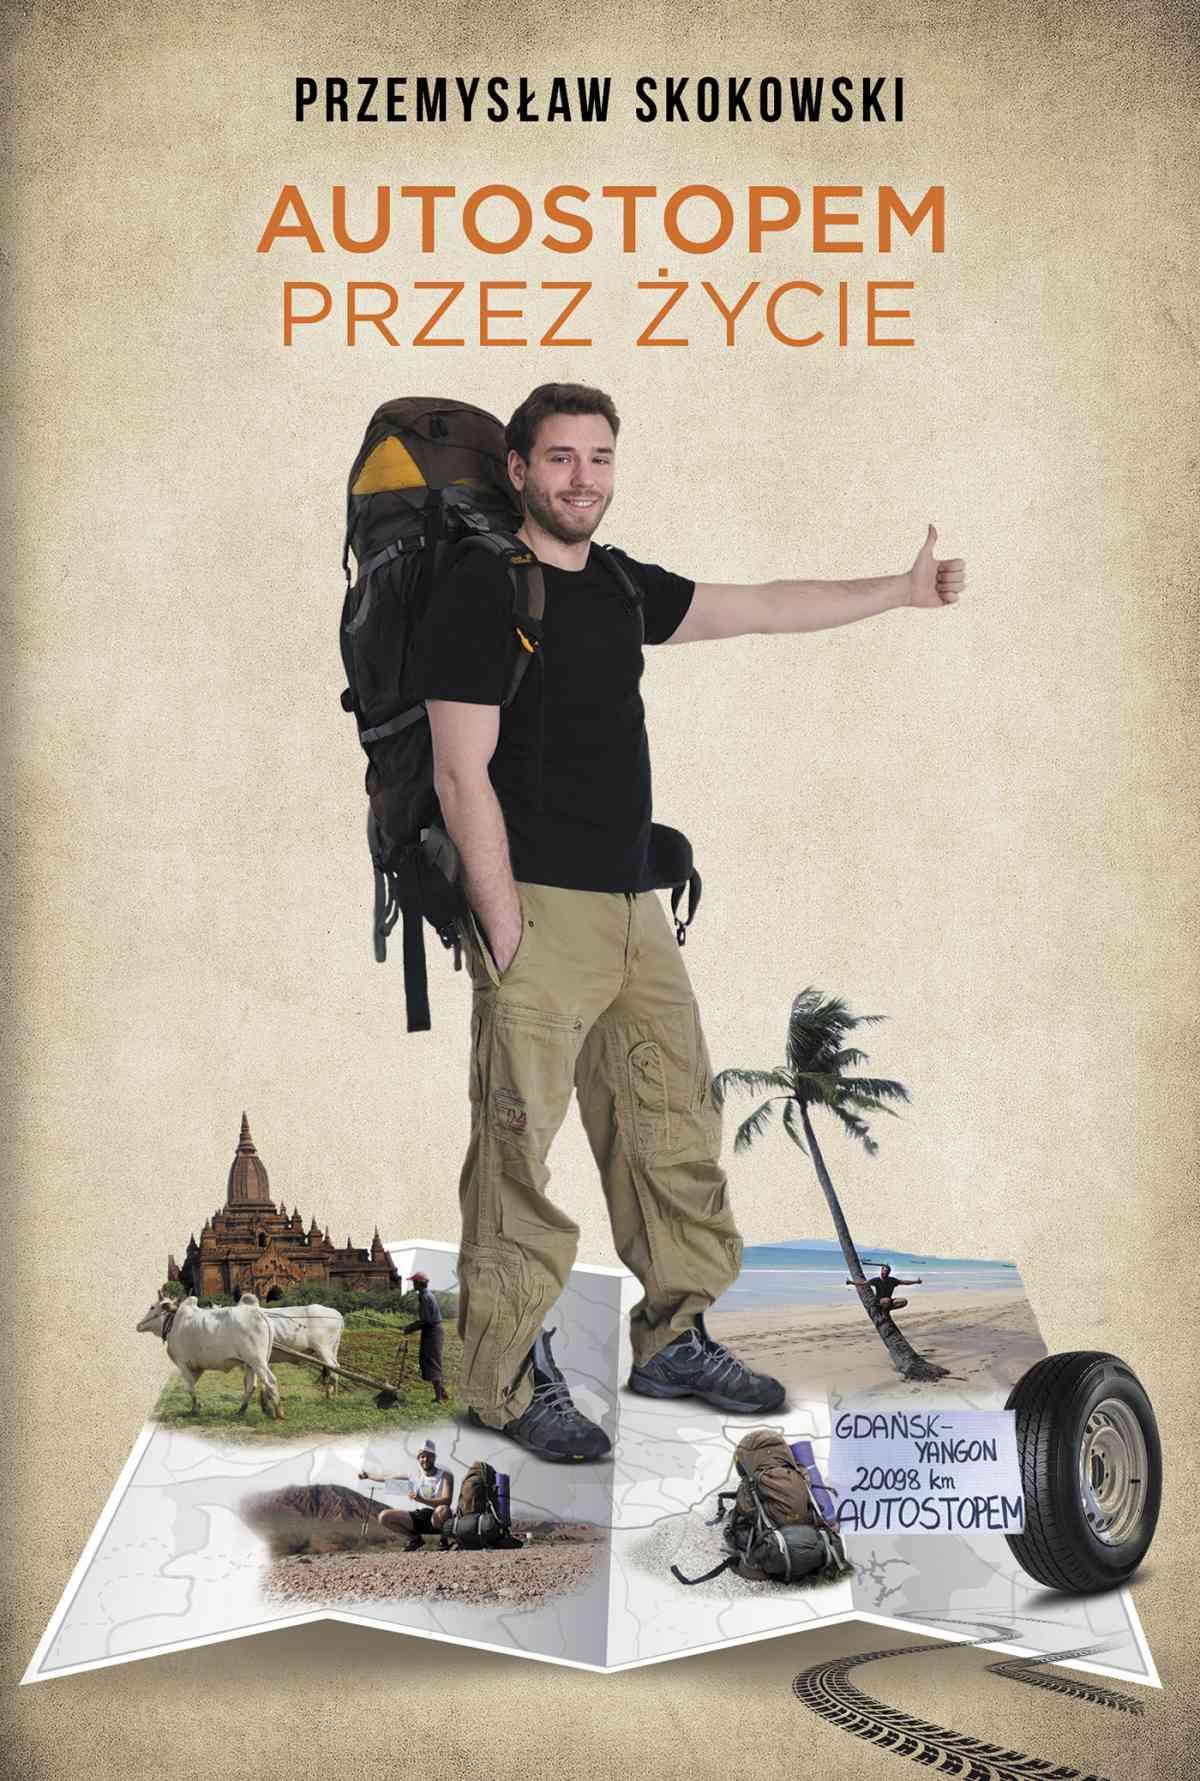 Autostopem przez życie - Ebook (Książka na Kindle) do pobrania w formacie MOBI